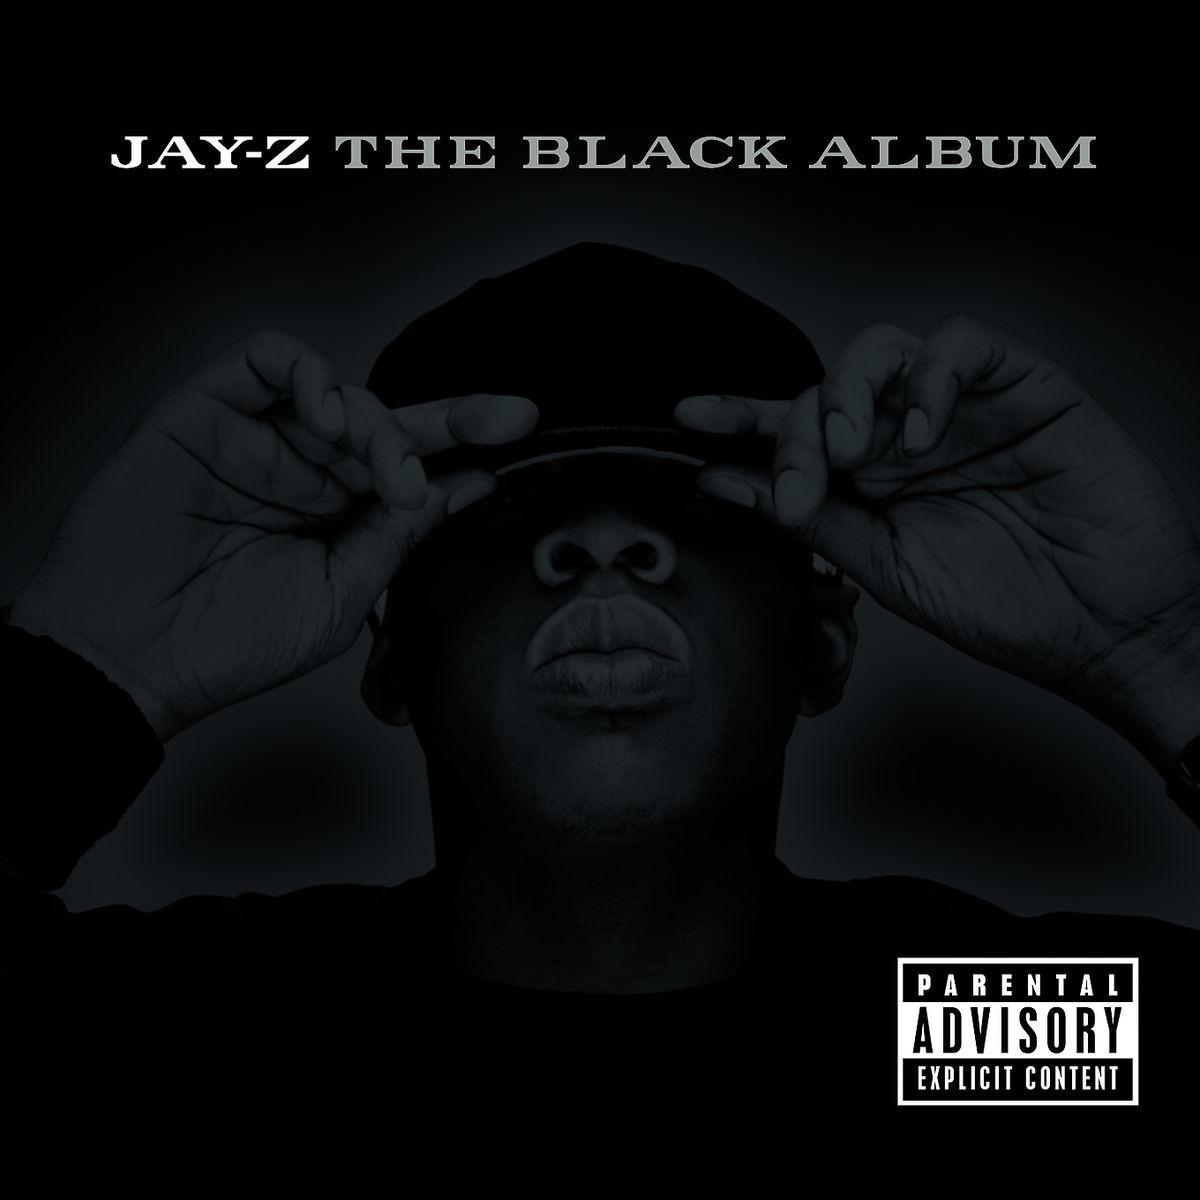 Jay-Z - CD The Black Album